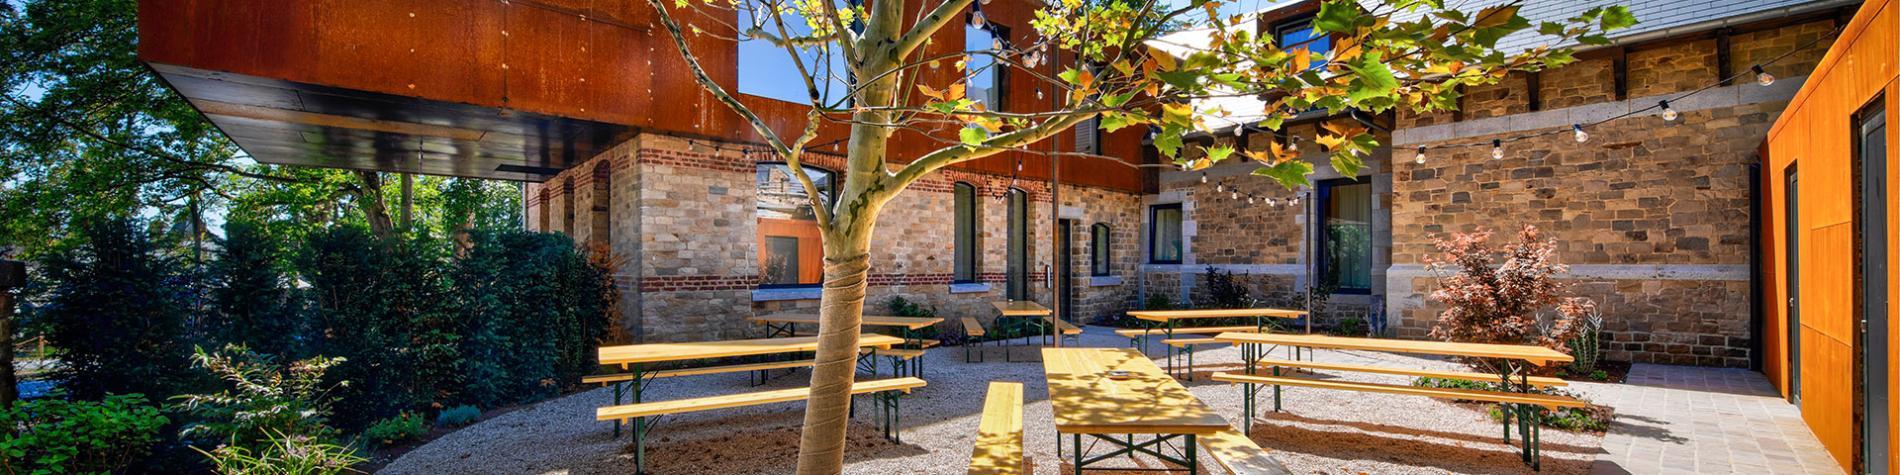 Hôtel - Le Domaine de Ronchinne - Maillen